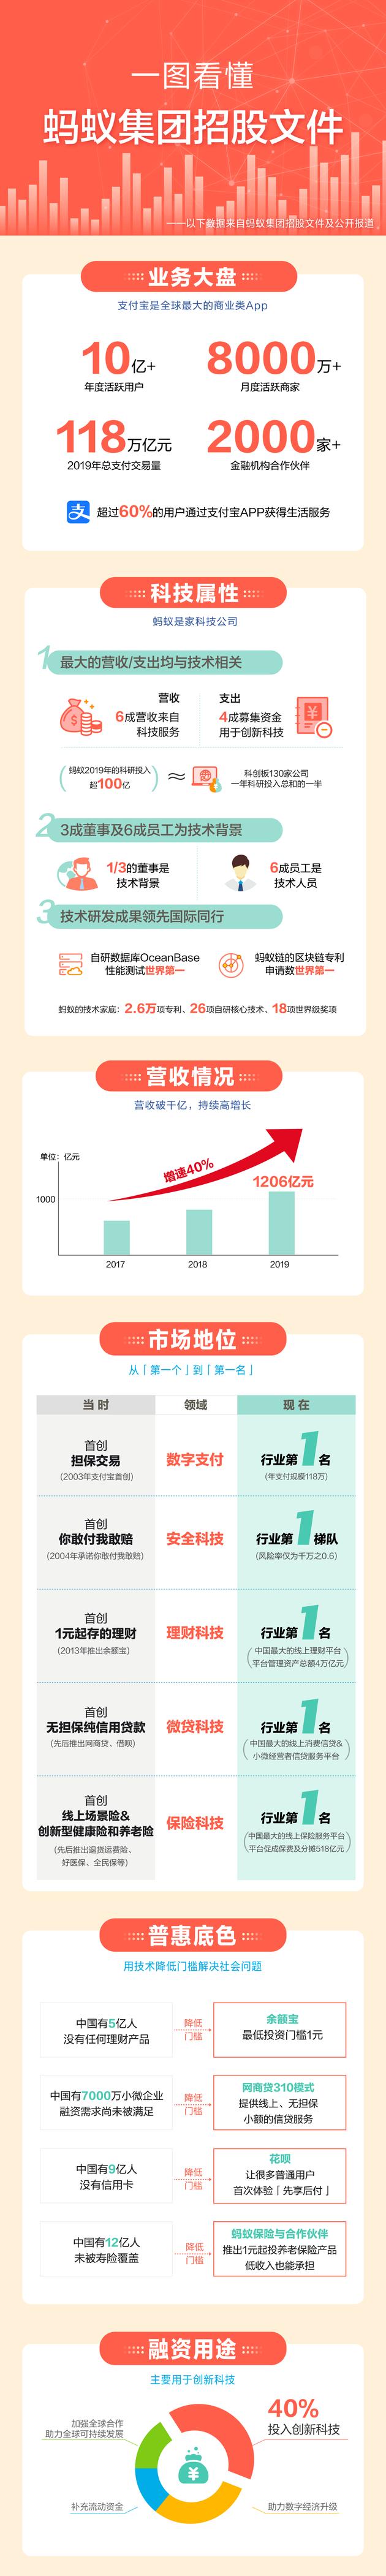 一图看懂蚂蚁集团招股书:年活跃用户超10亿